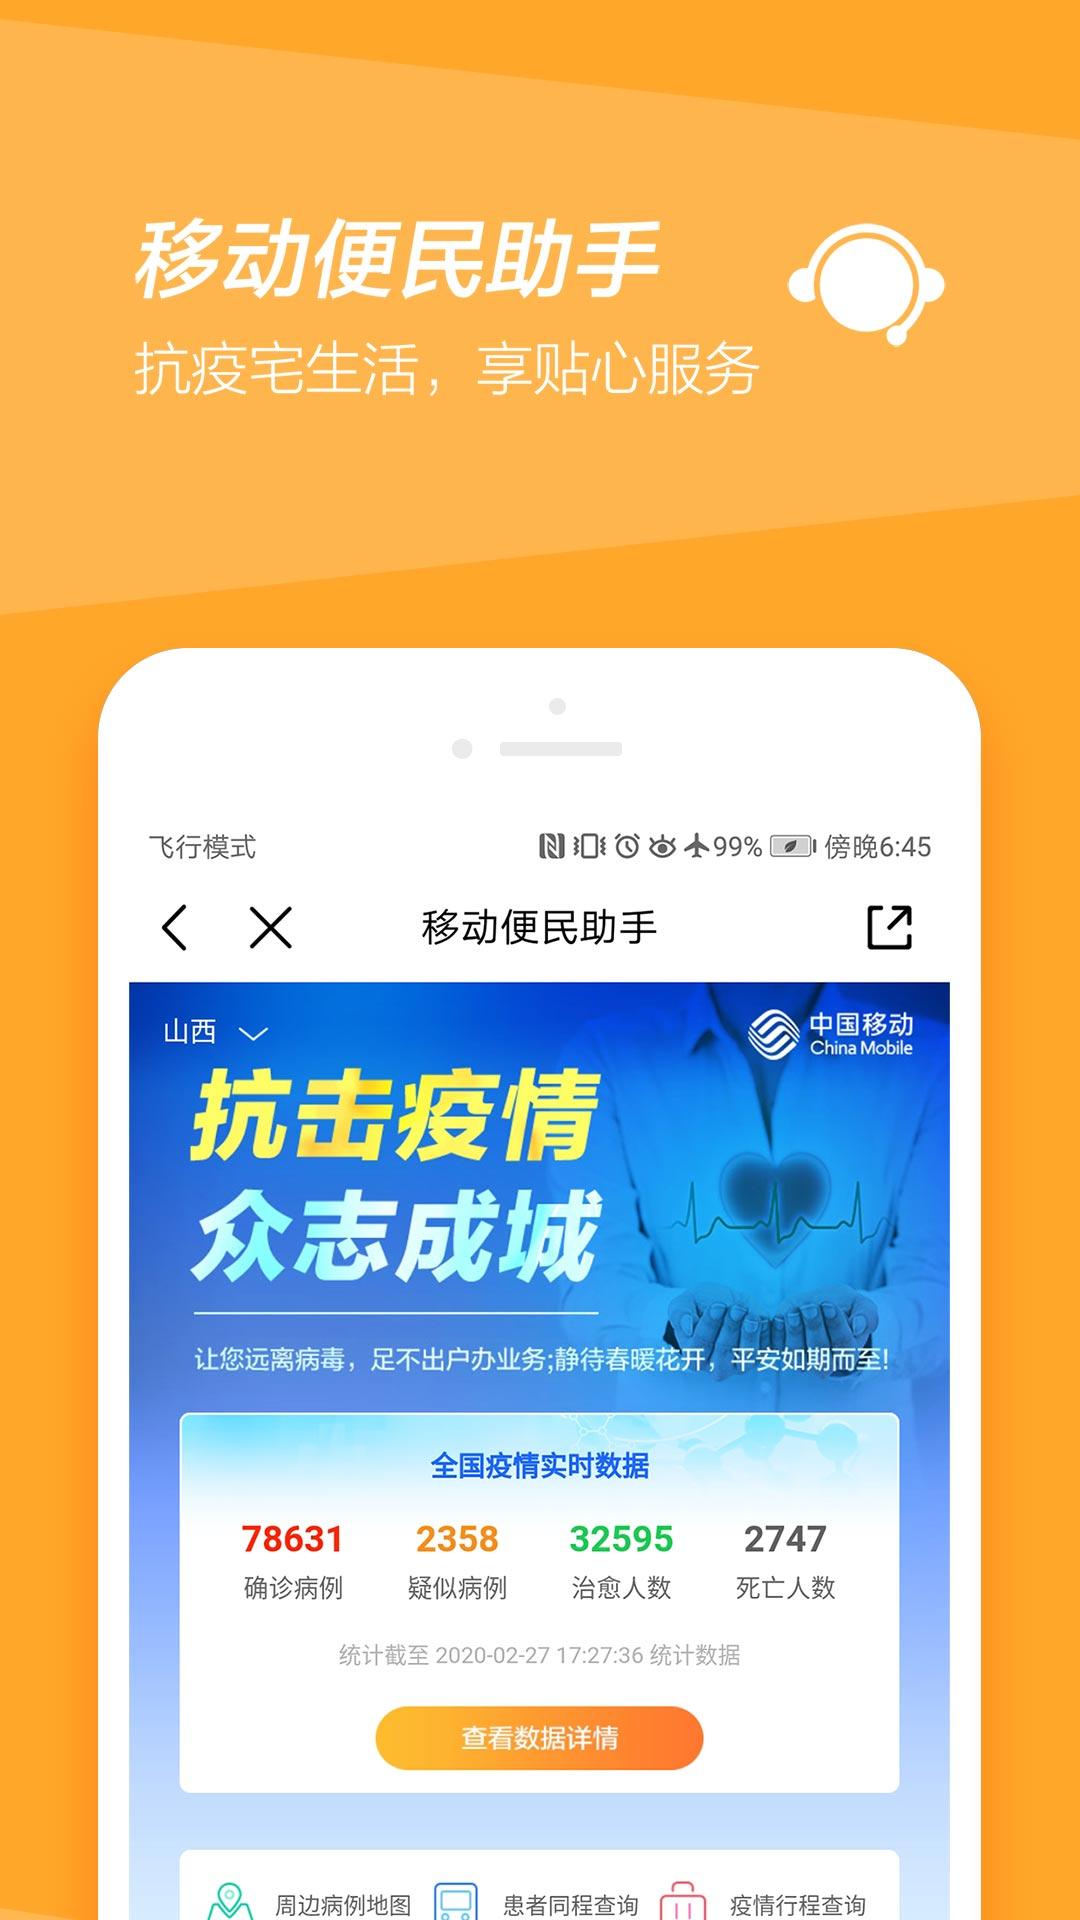 中国移动官方商城_中国移动免费下载_华为应用市场 中国移动安卓版(6.2.0)下载